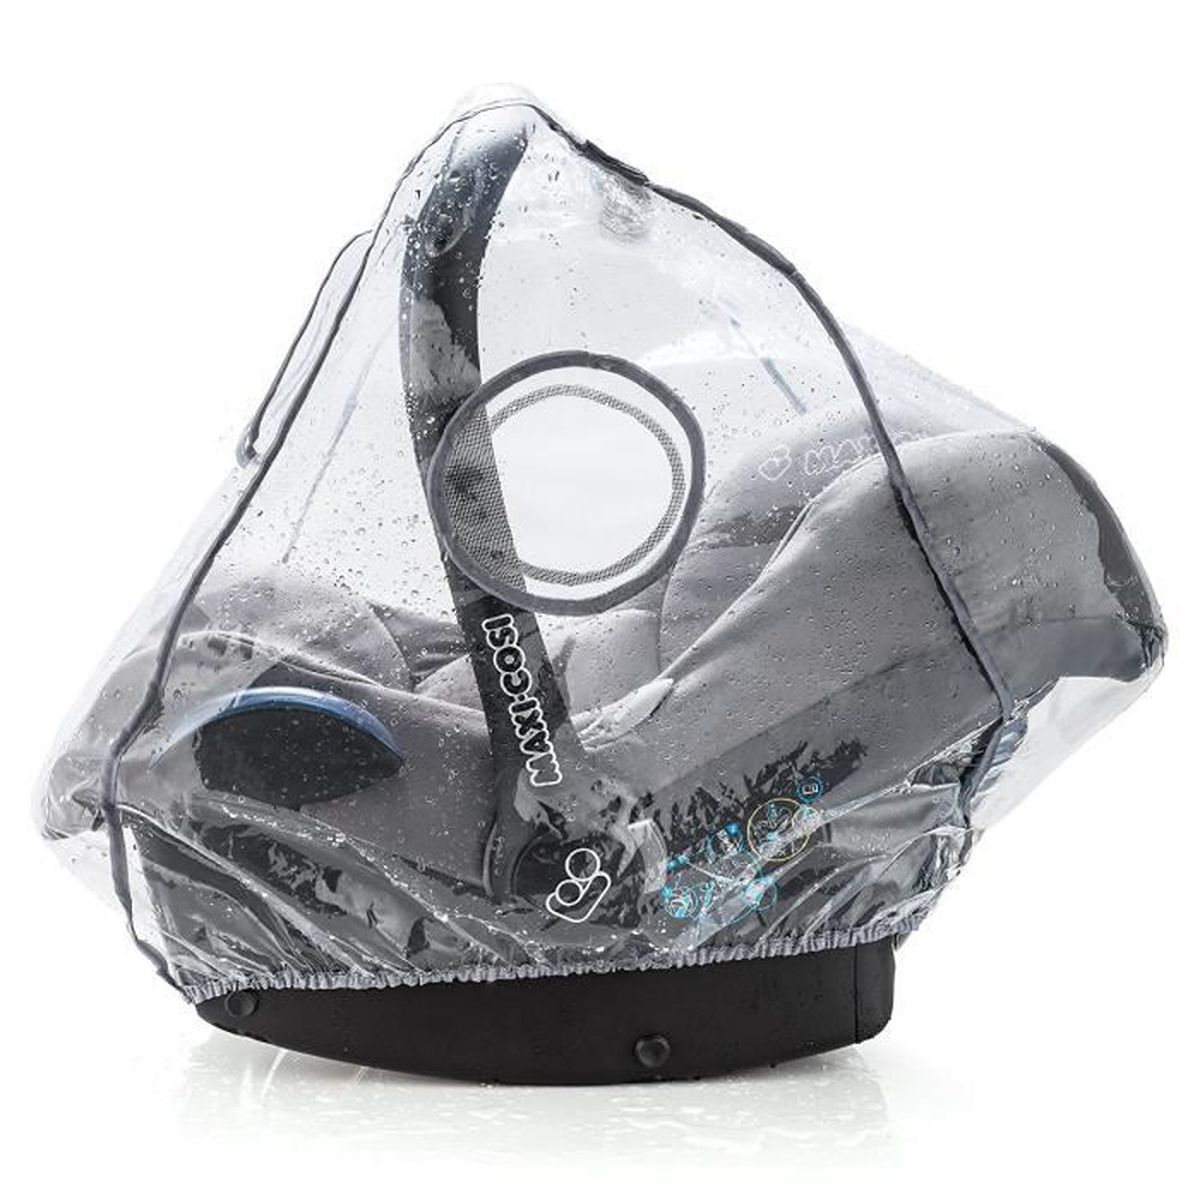 Habillage Pluie Imperm/éable Universel Poussette Confortable Bonne Circulation de l/'Air Montage Facile Sans PVC pour Tous Types de Poussettes